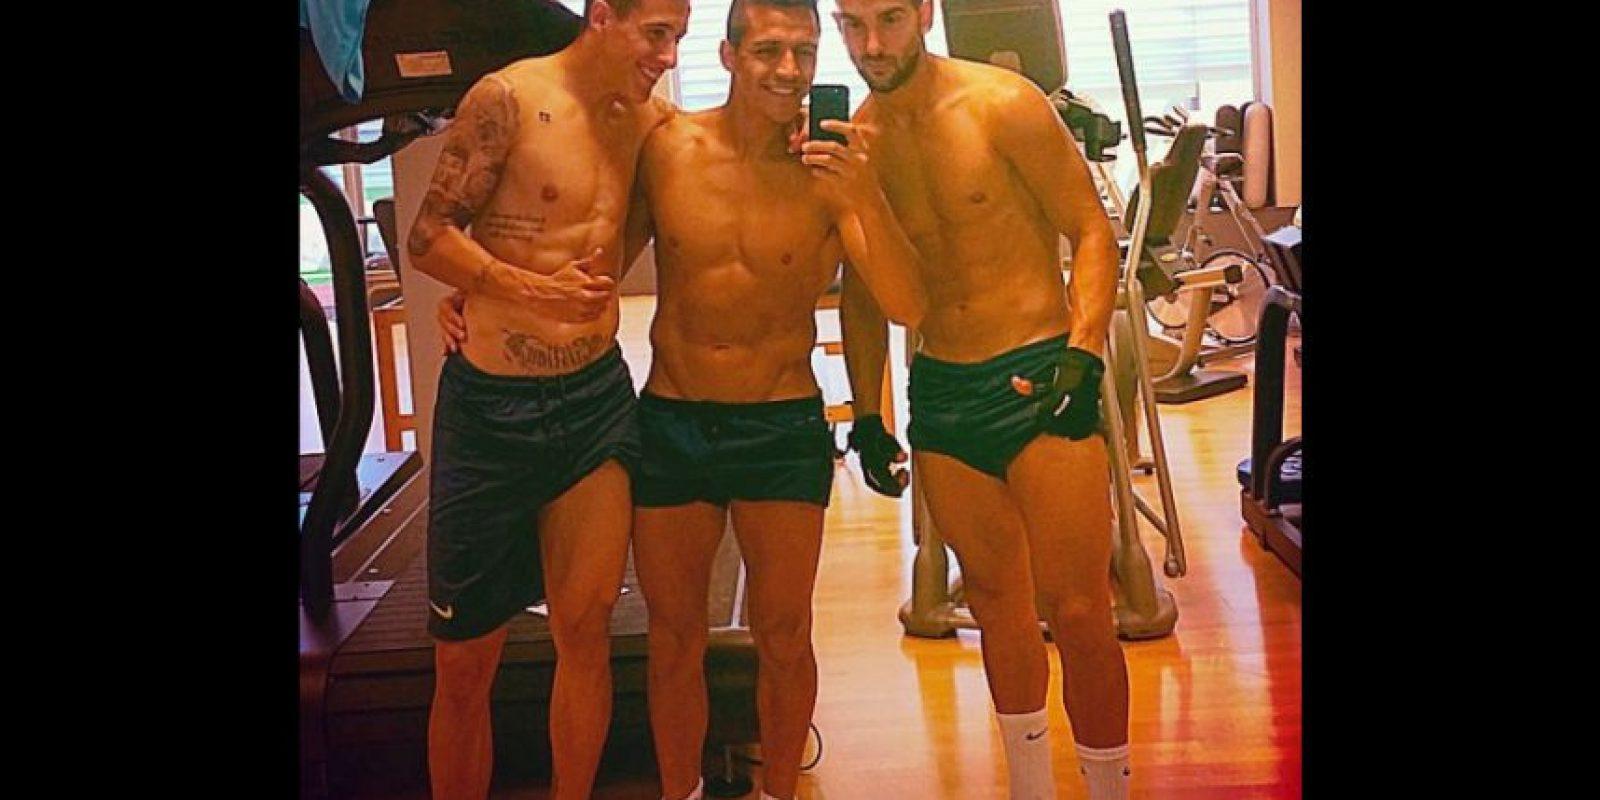 De algunas temporadas a la actualidad, Alexis Sánchez se ha esmerado más en tonificar su cuerpo. Sus frecuentes fotos en Instagram lo confirman. Foto:Vía instagram.com/alexis_officia1